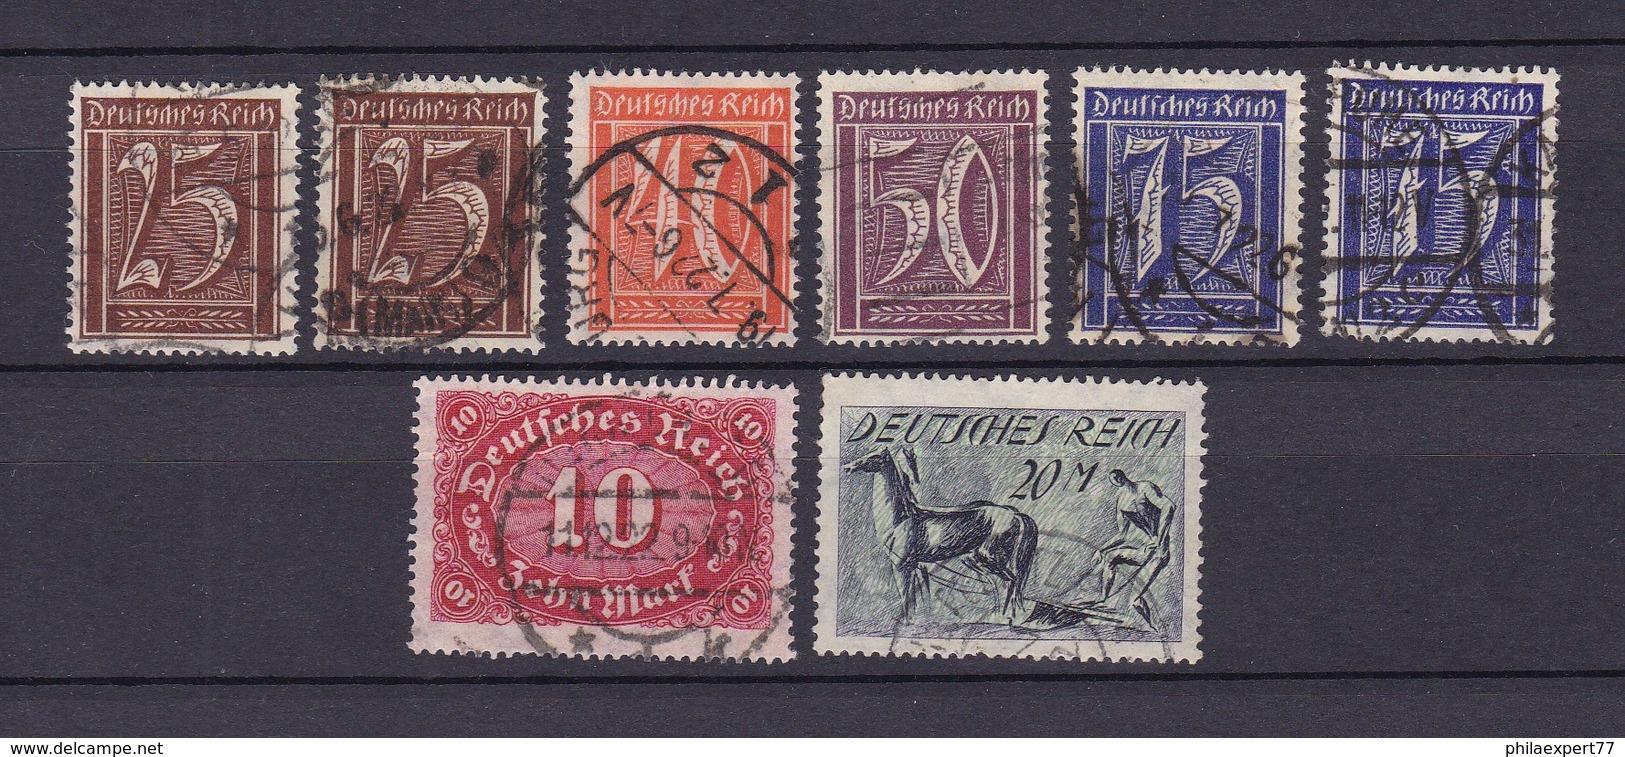 Deutsches Reich - 1921/22 - Michel Nr. 180, 182/183, 185, 195/196 - 29 Euro - Gebraucht